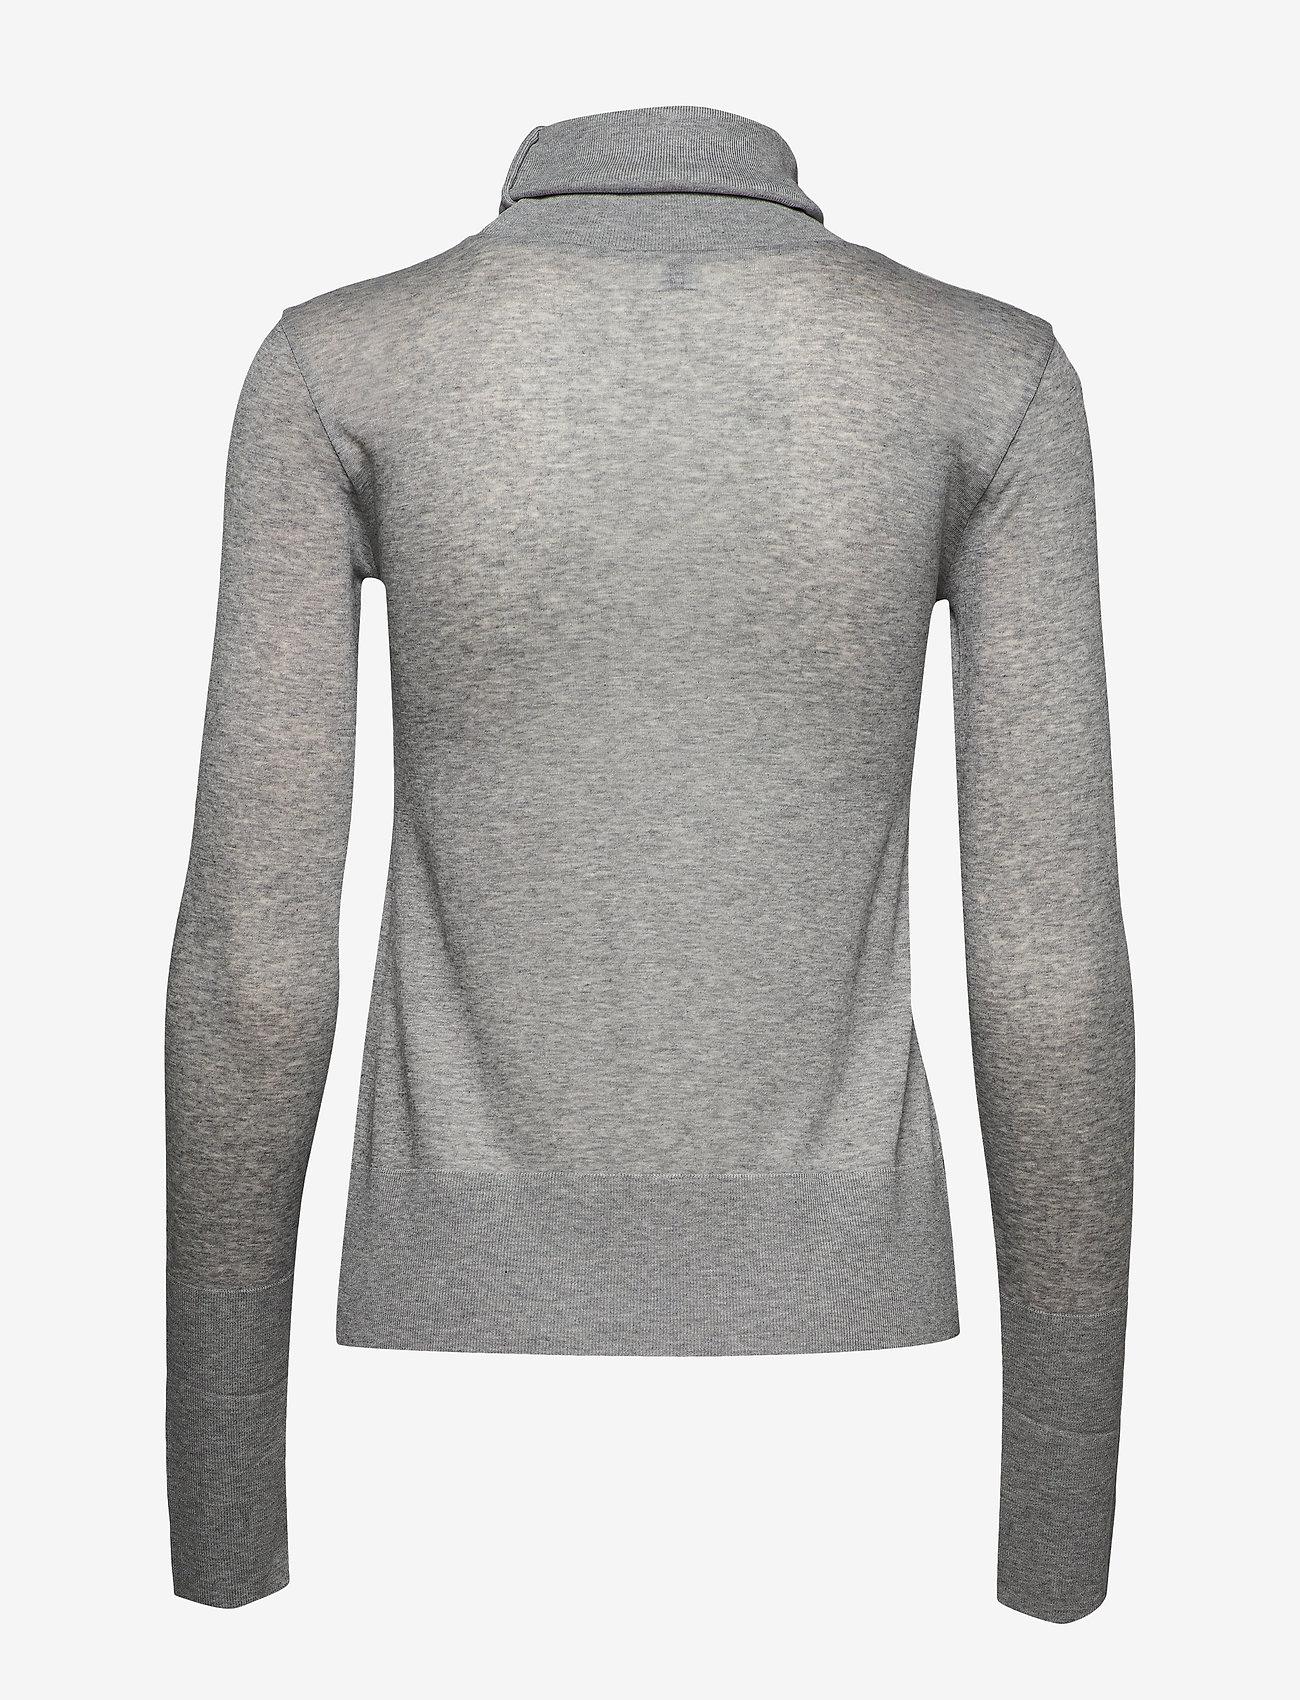 Totême - MELA - turtlenecks - grey melange 350 - 1